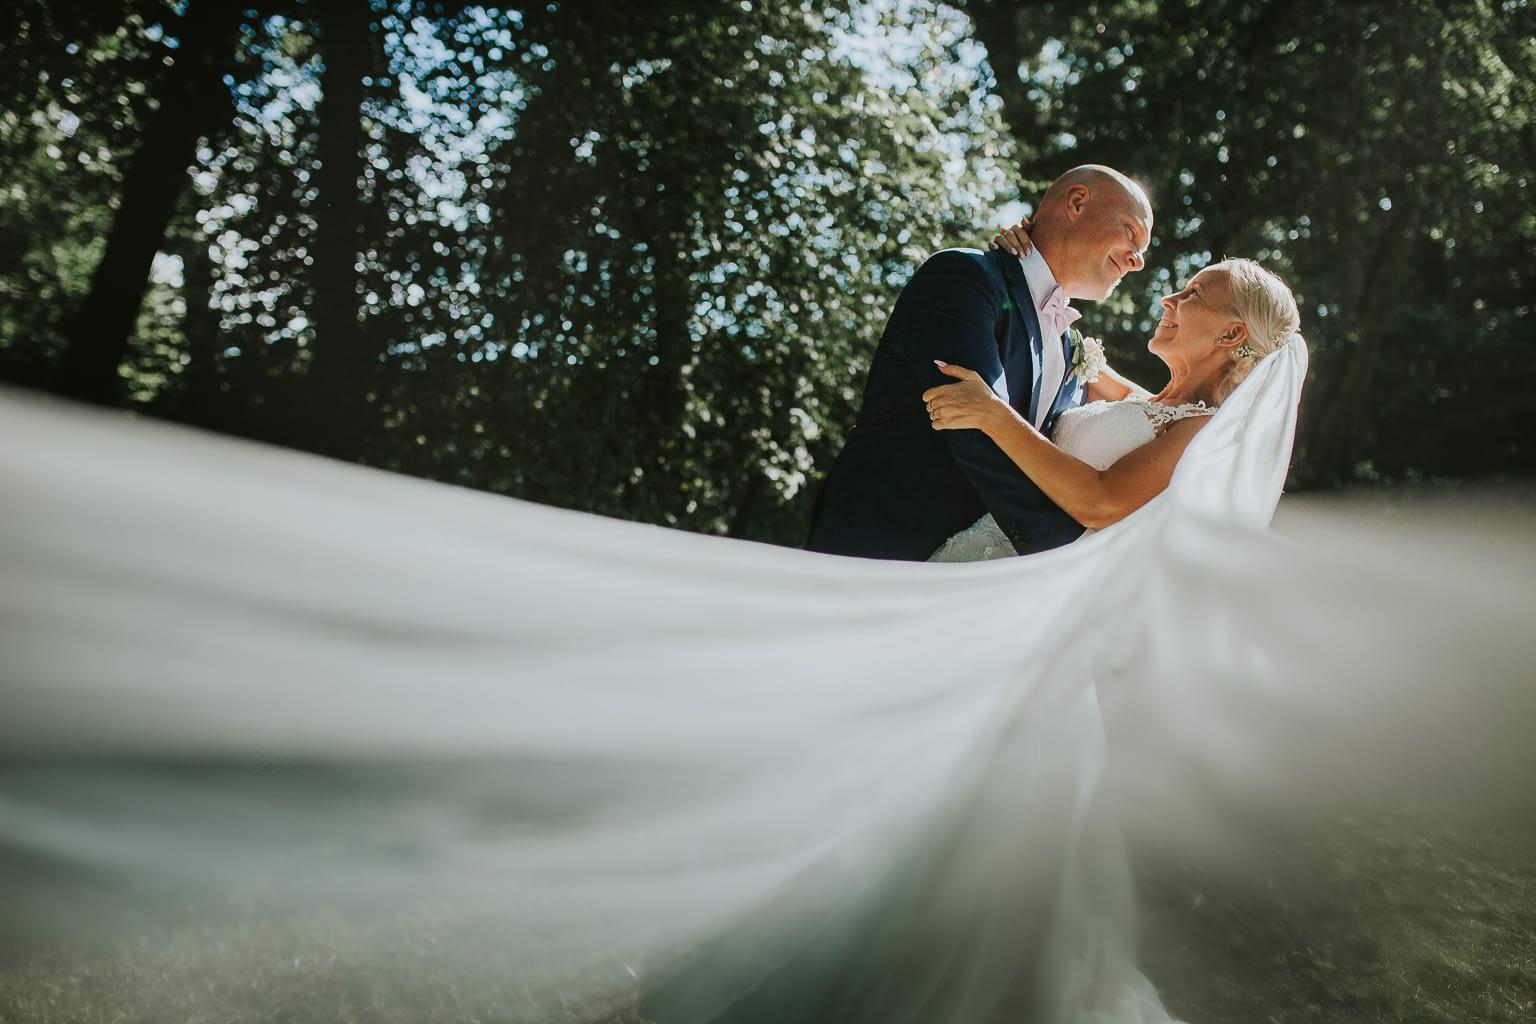 photographie de mariage professionnelle originale